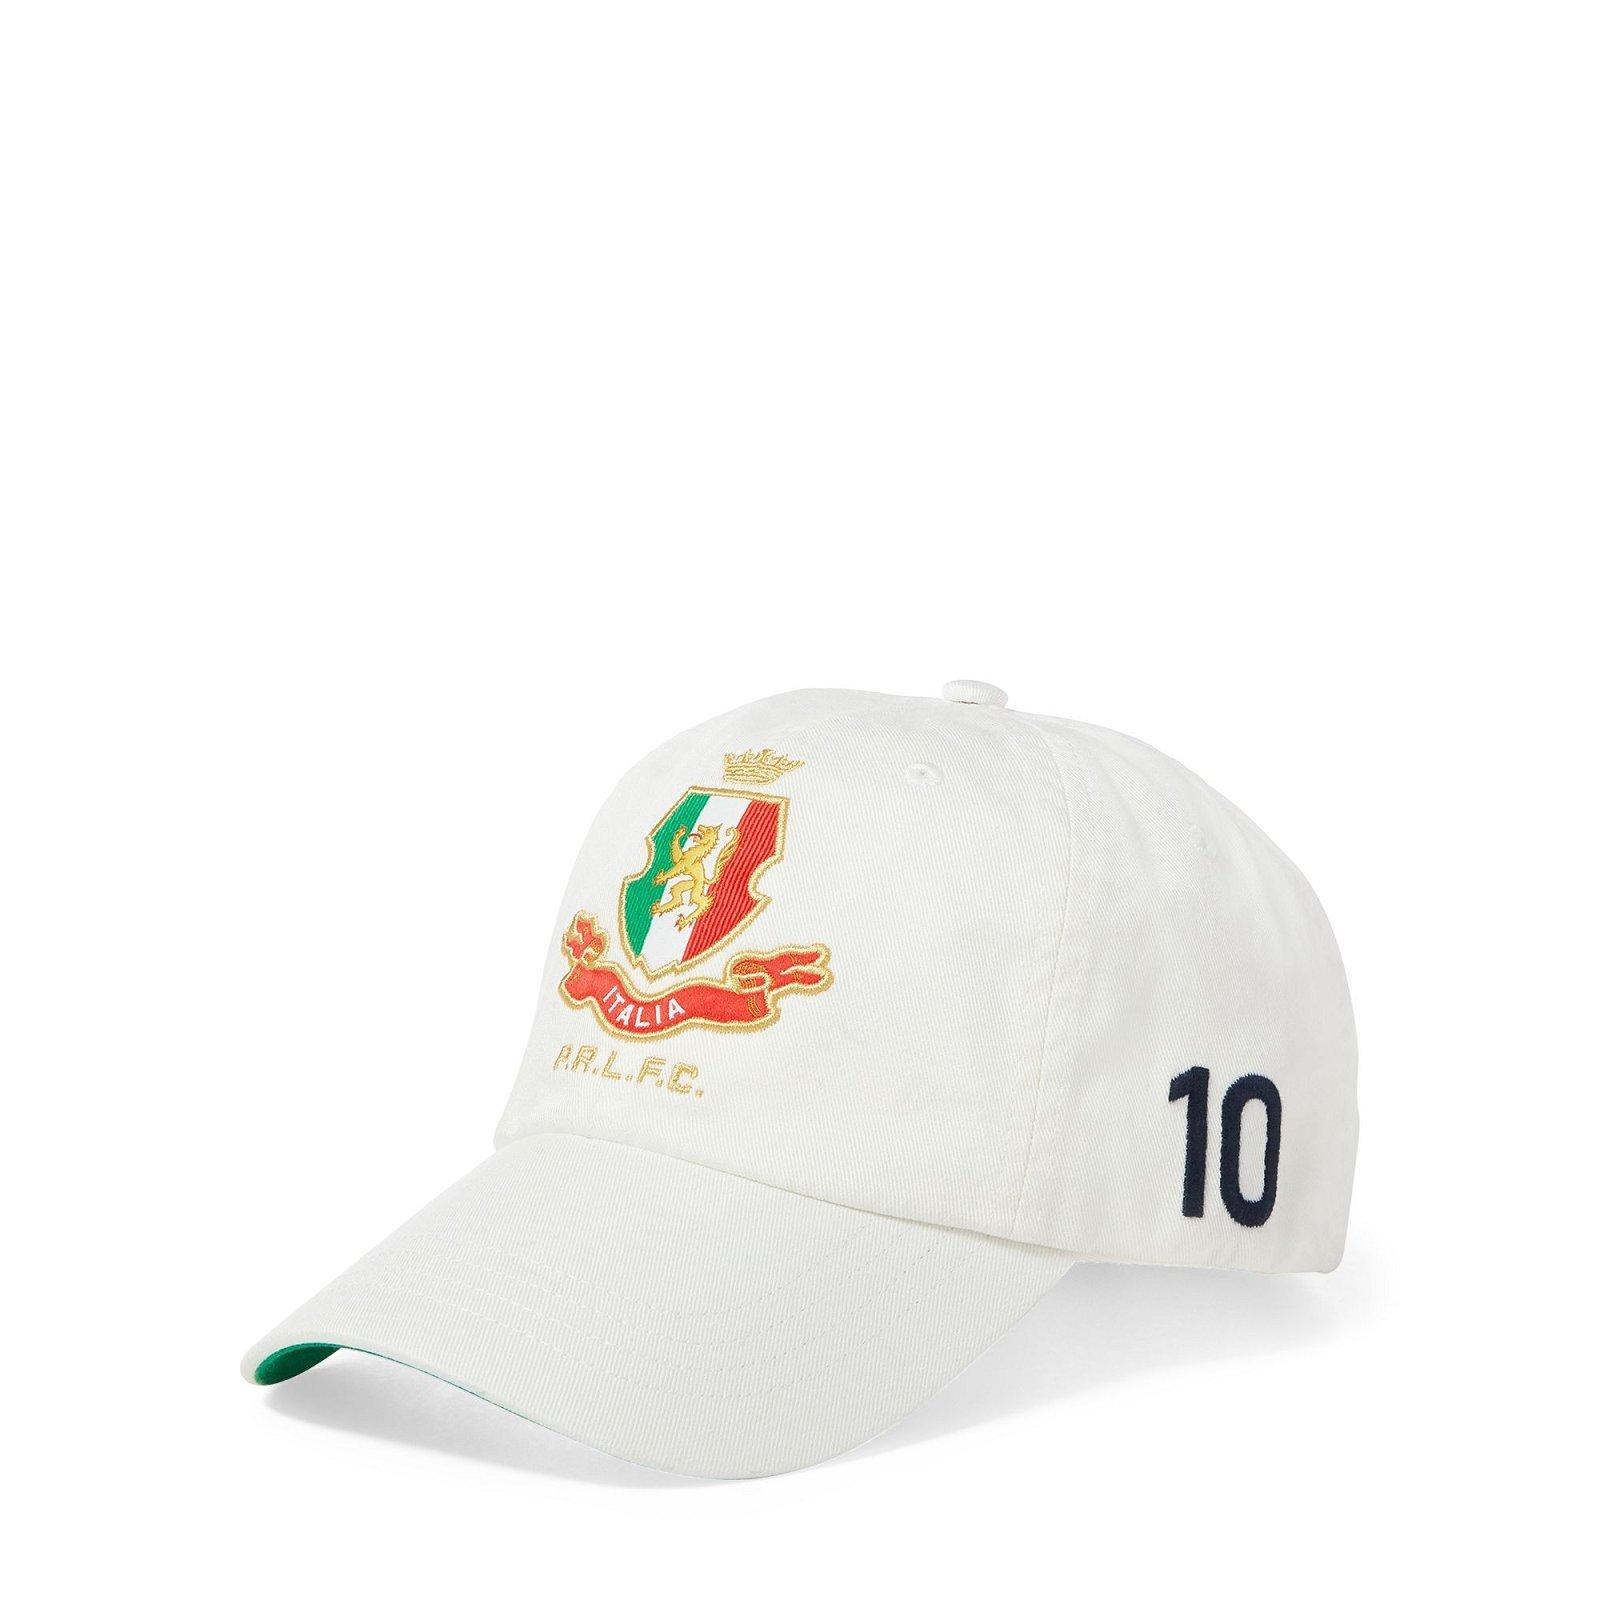 717e34865b2171 Casquette Italy en coton chino. Casquette coupe du monde de foot unisexe Ralph  Lauren